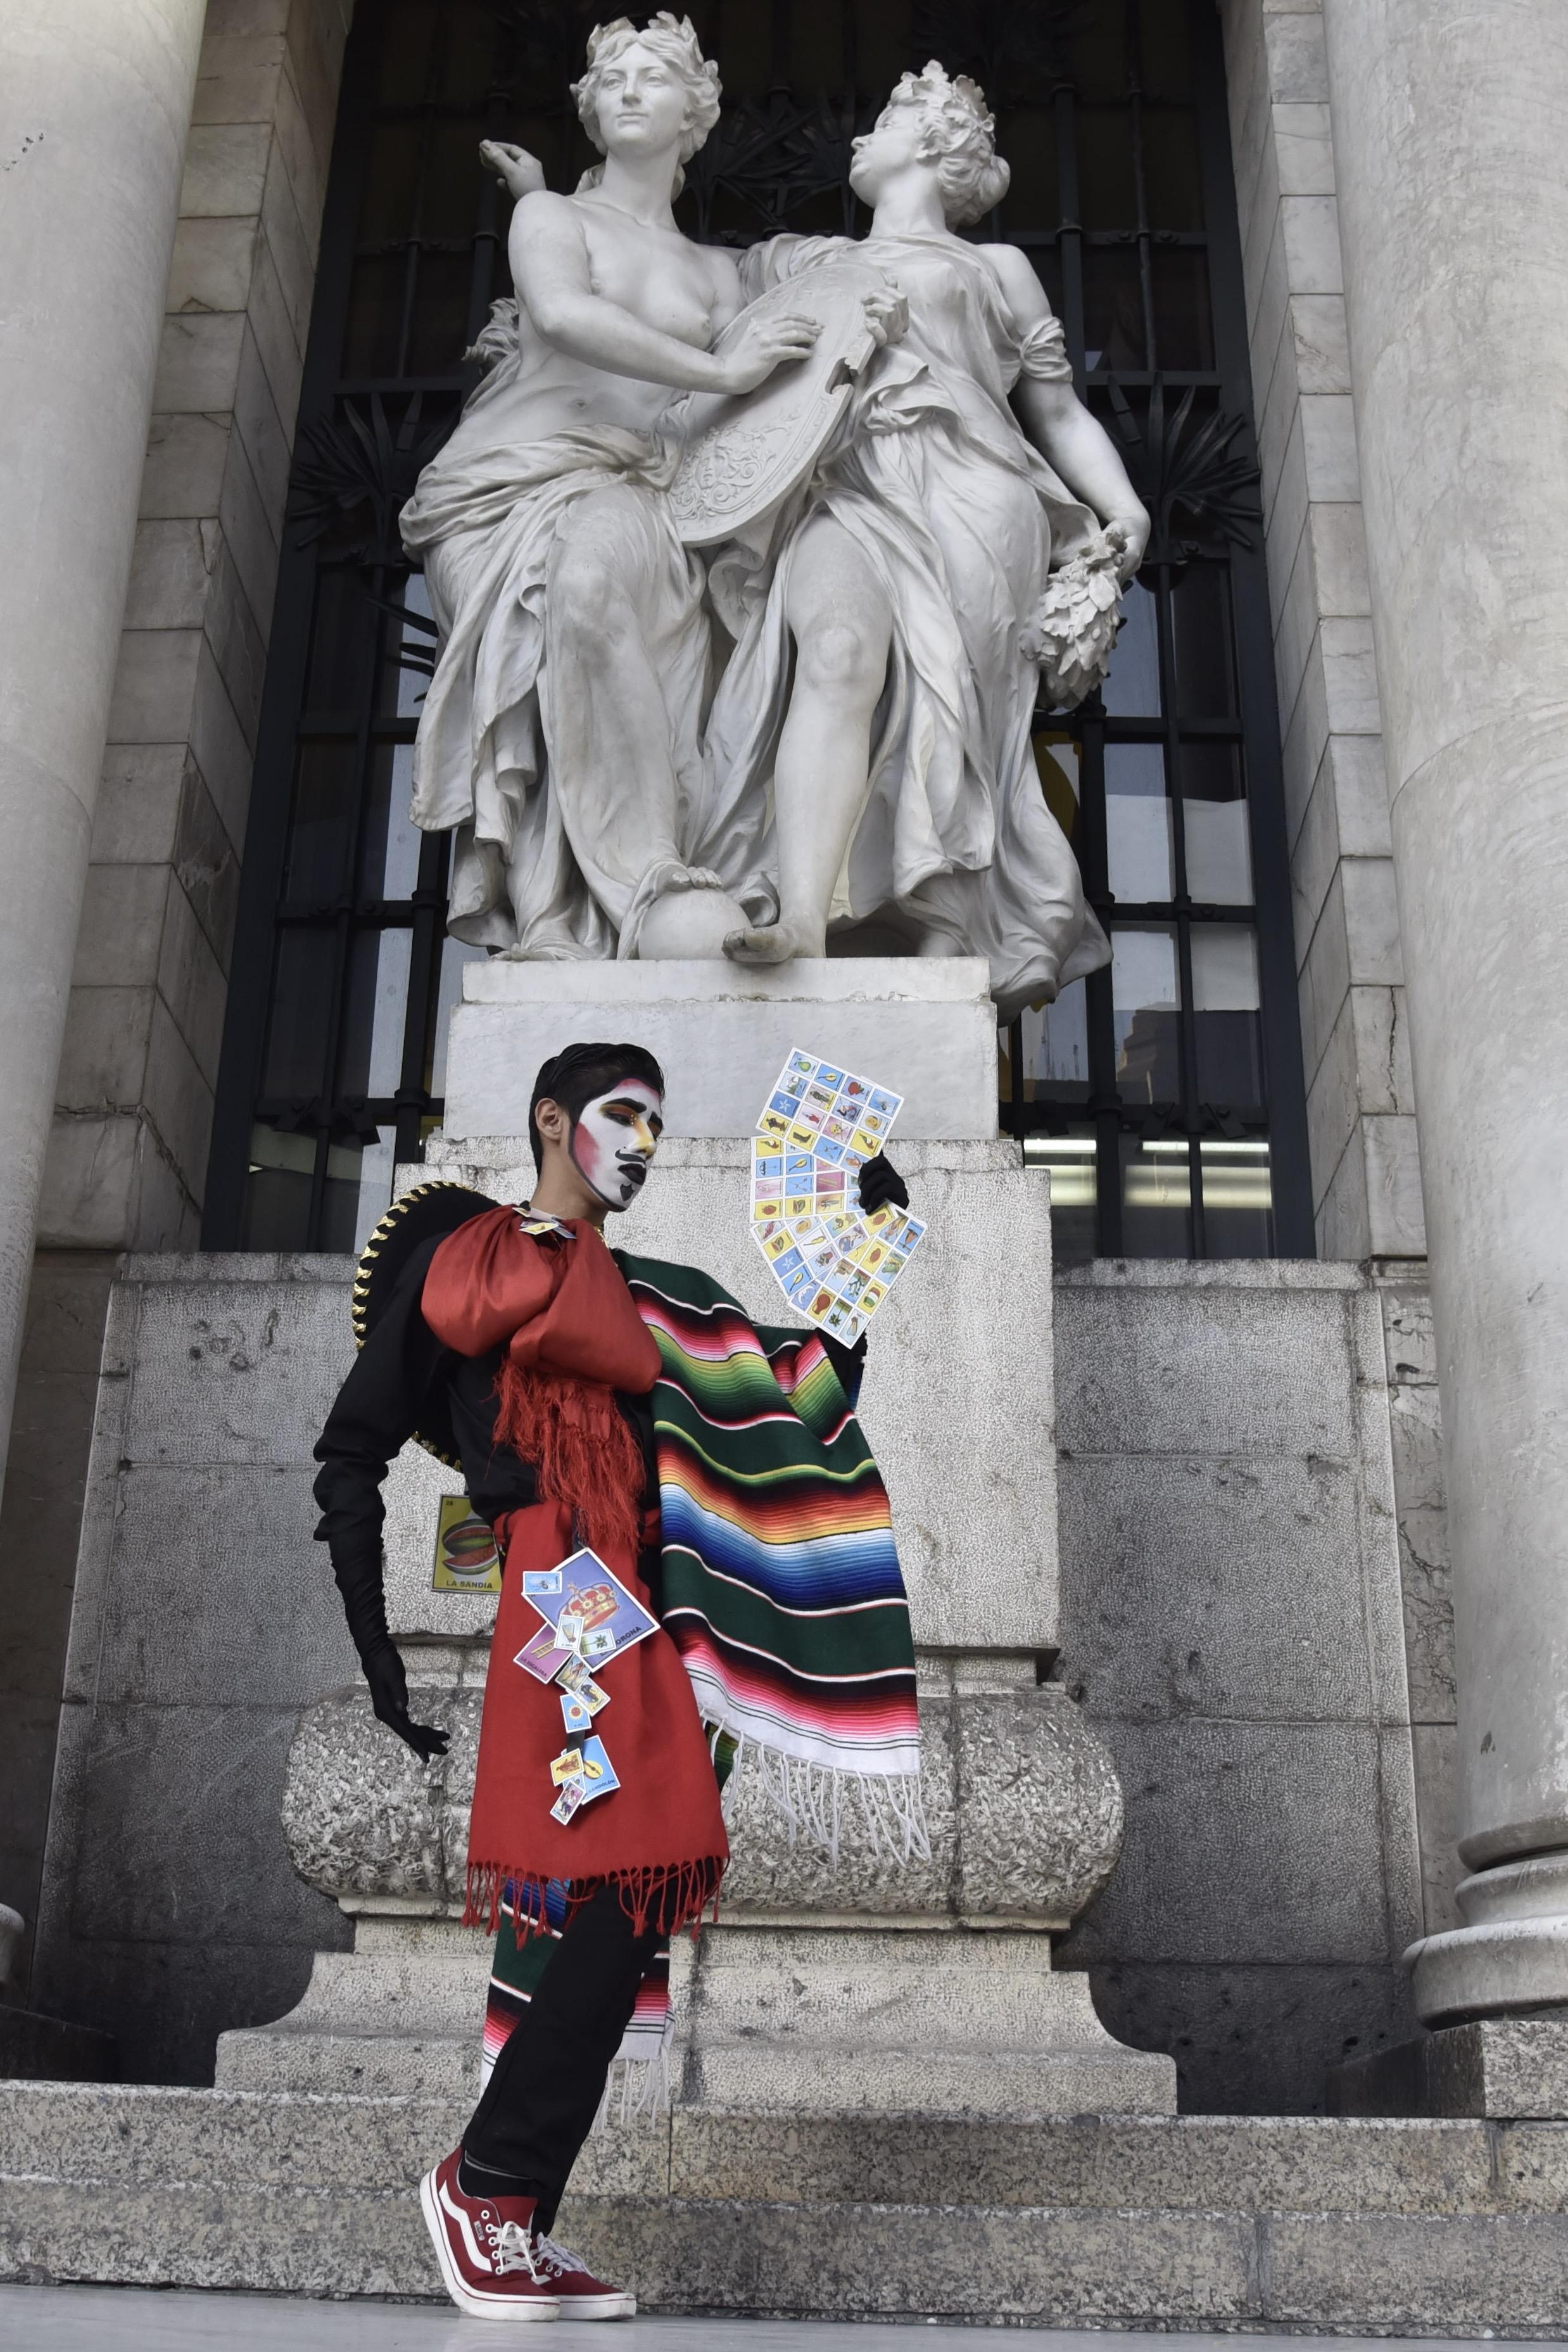 Manifestante caracterizado como Zapata posa a las afueras de Pació de Bellas Artes (Foto: Mario Jasso/Cuartoscuro)